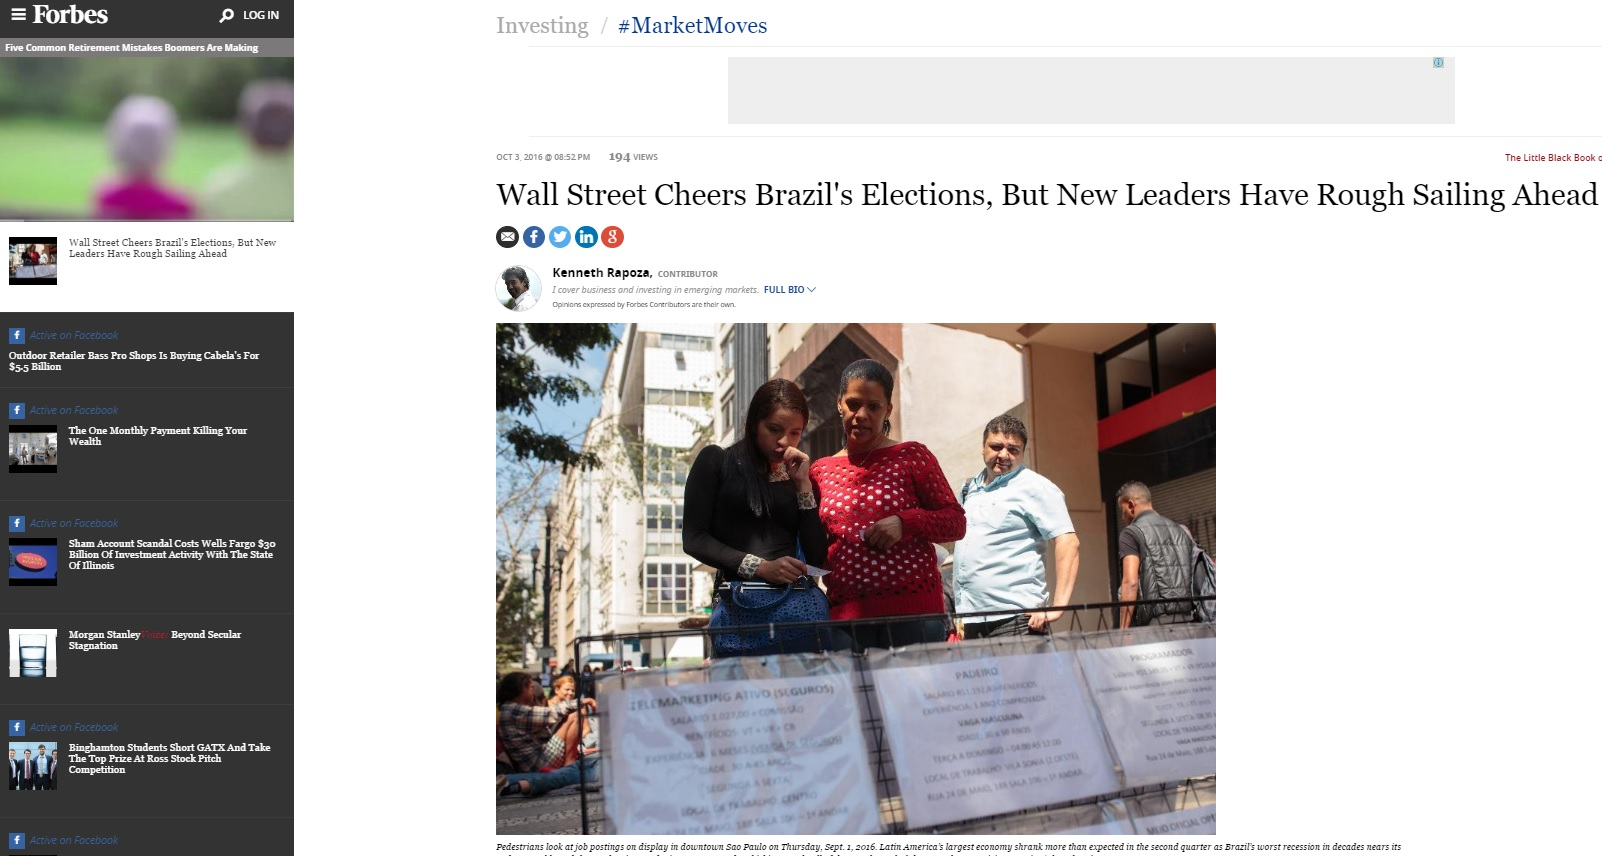 'Forbes': Mercado internacional comemora resultado da eleição no Brasil